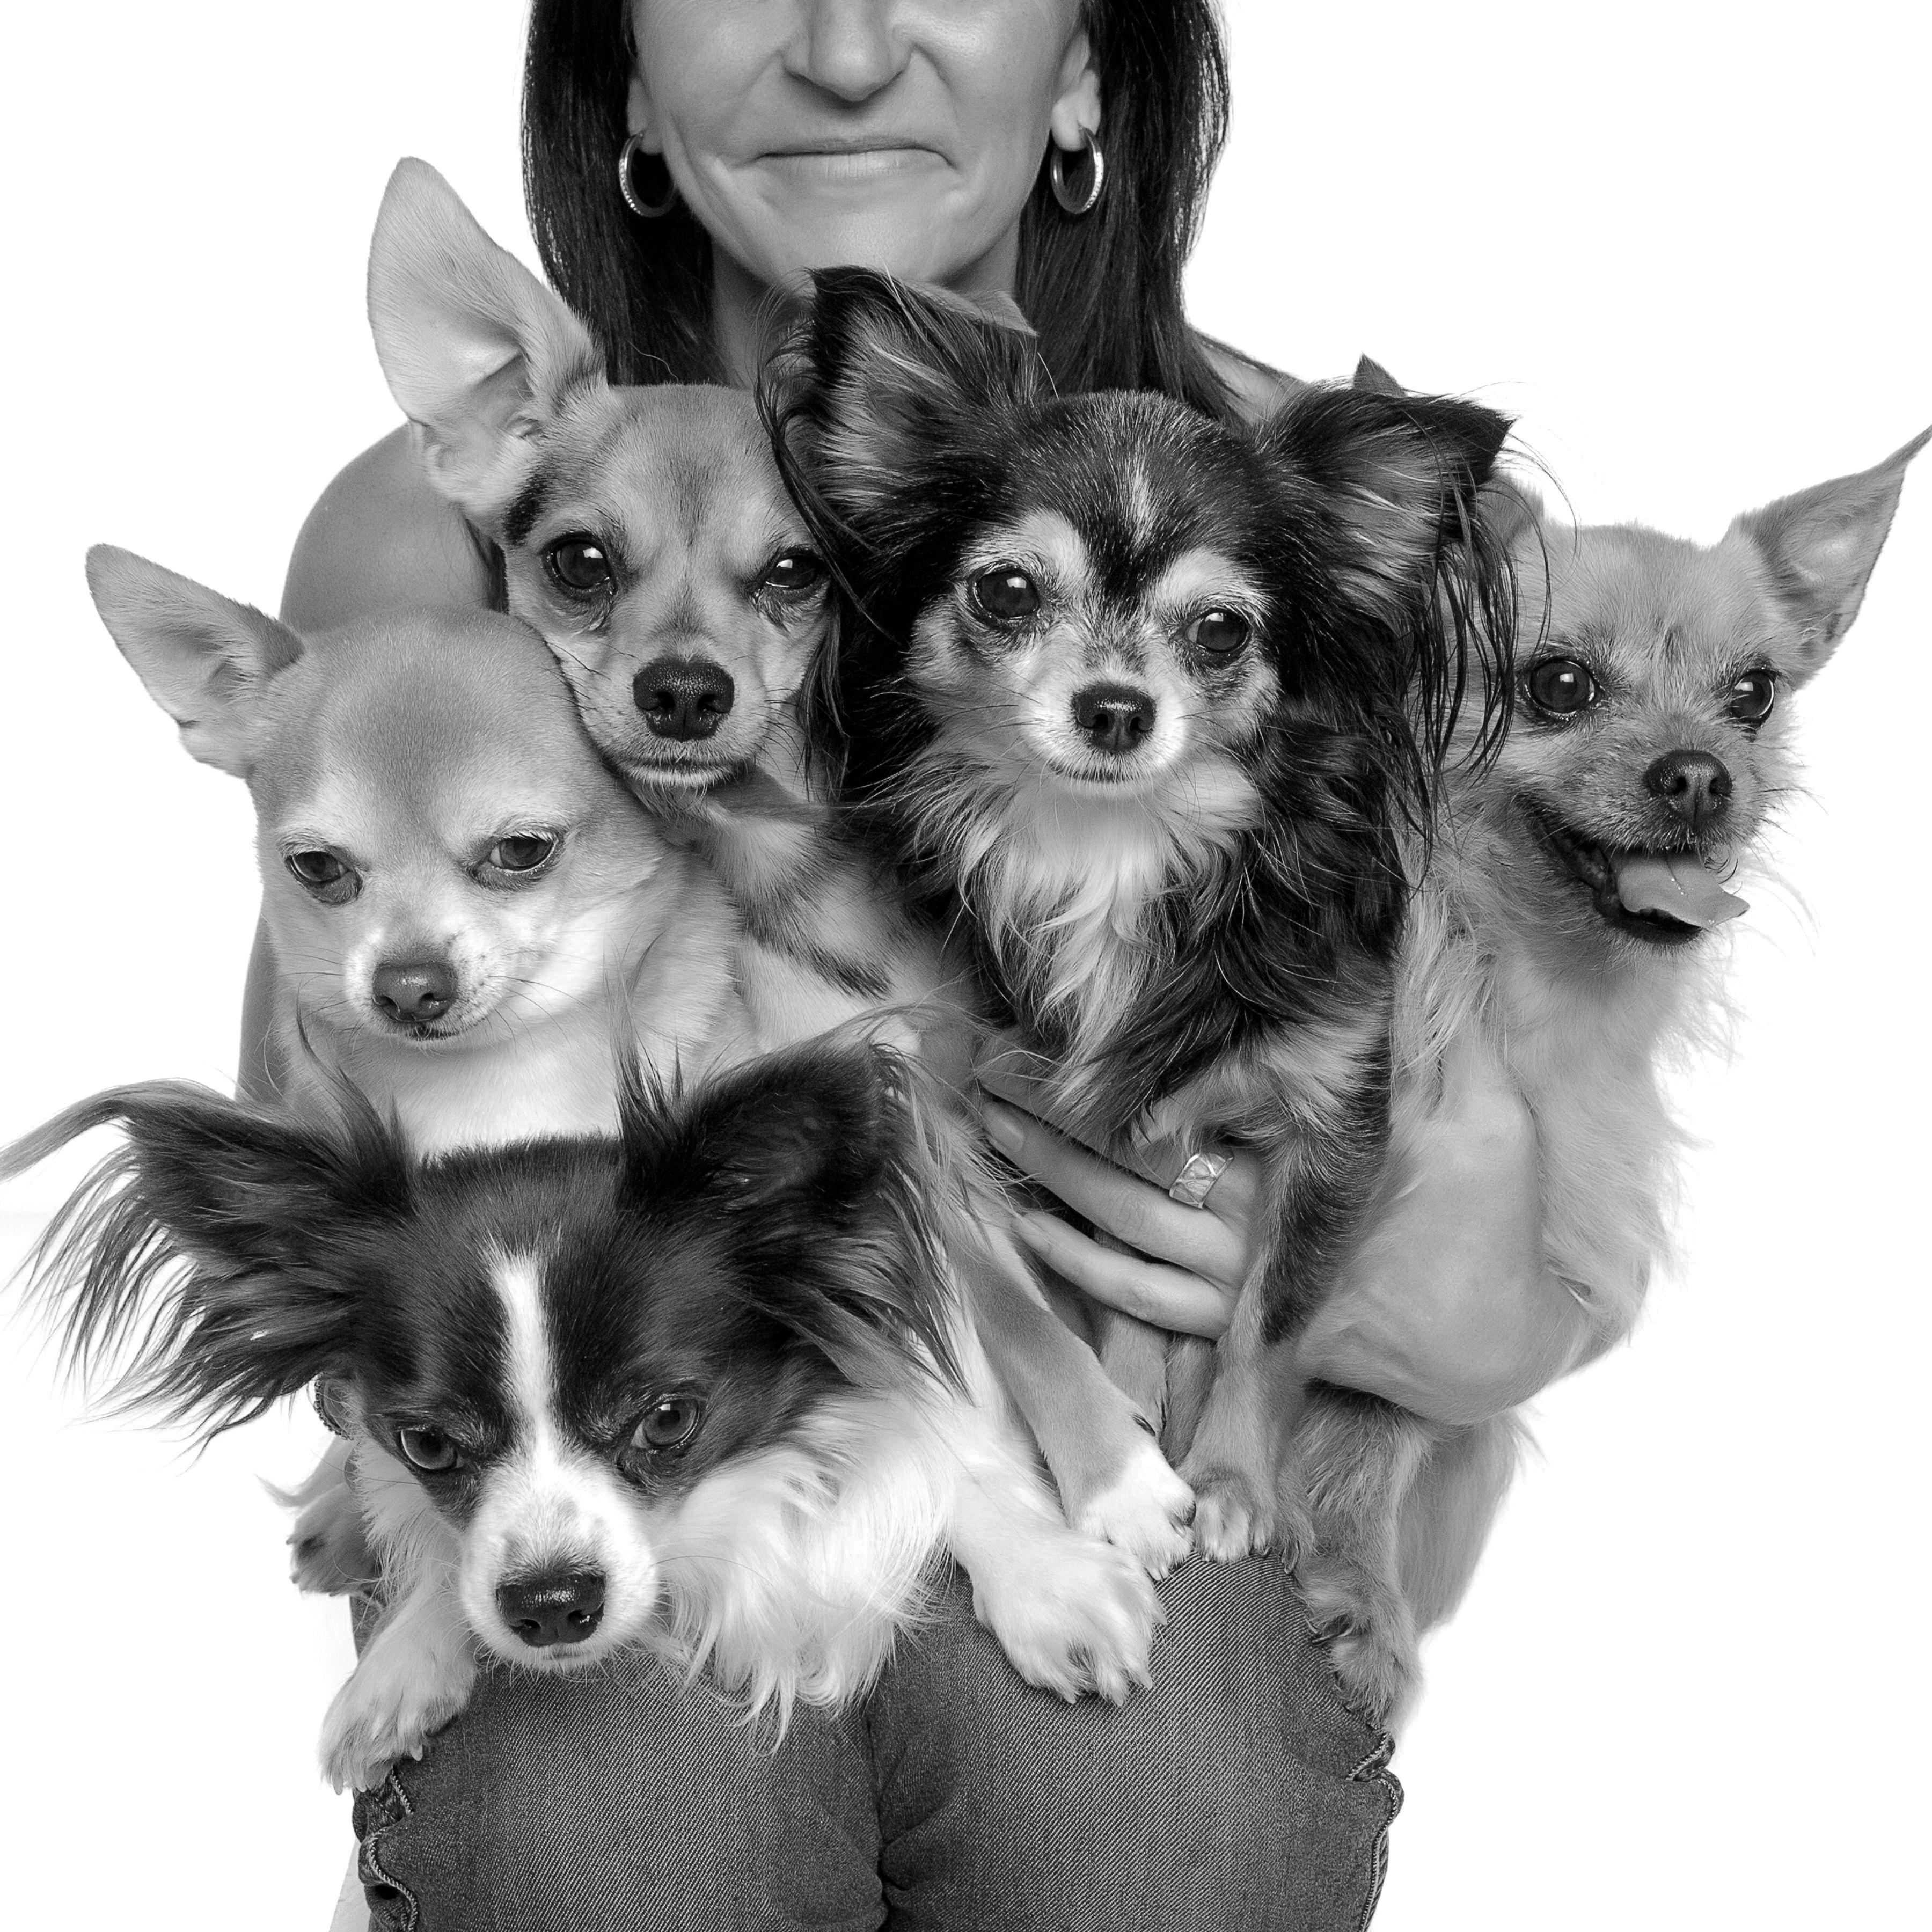 Chiwawa Portrait In Studio Dog Portraits Studio Dog Photography